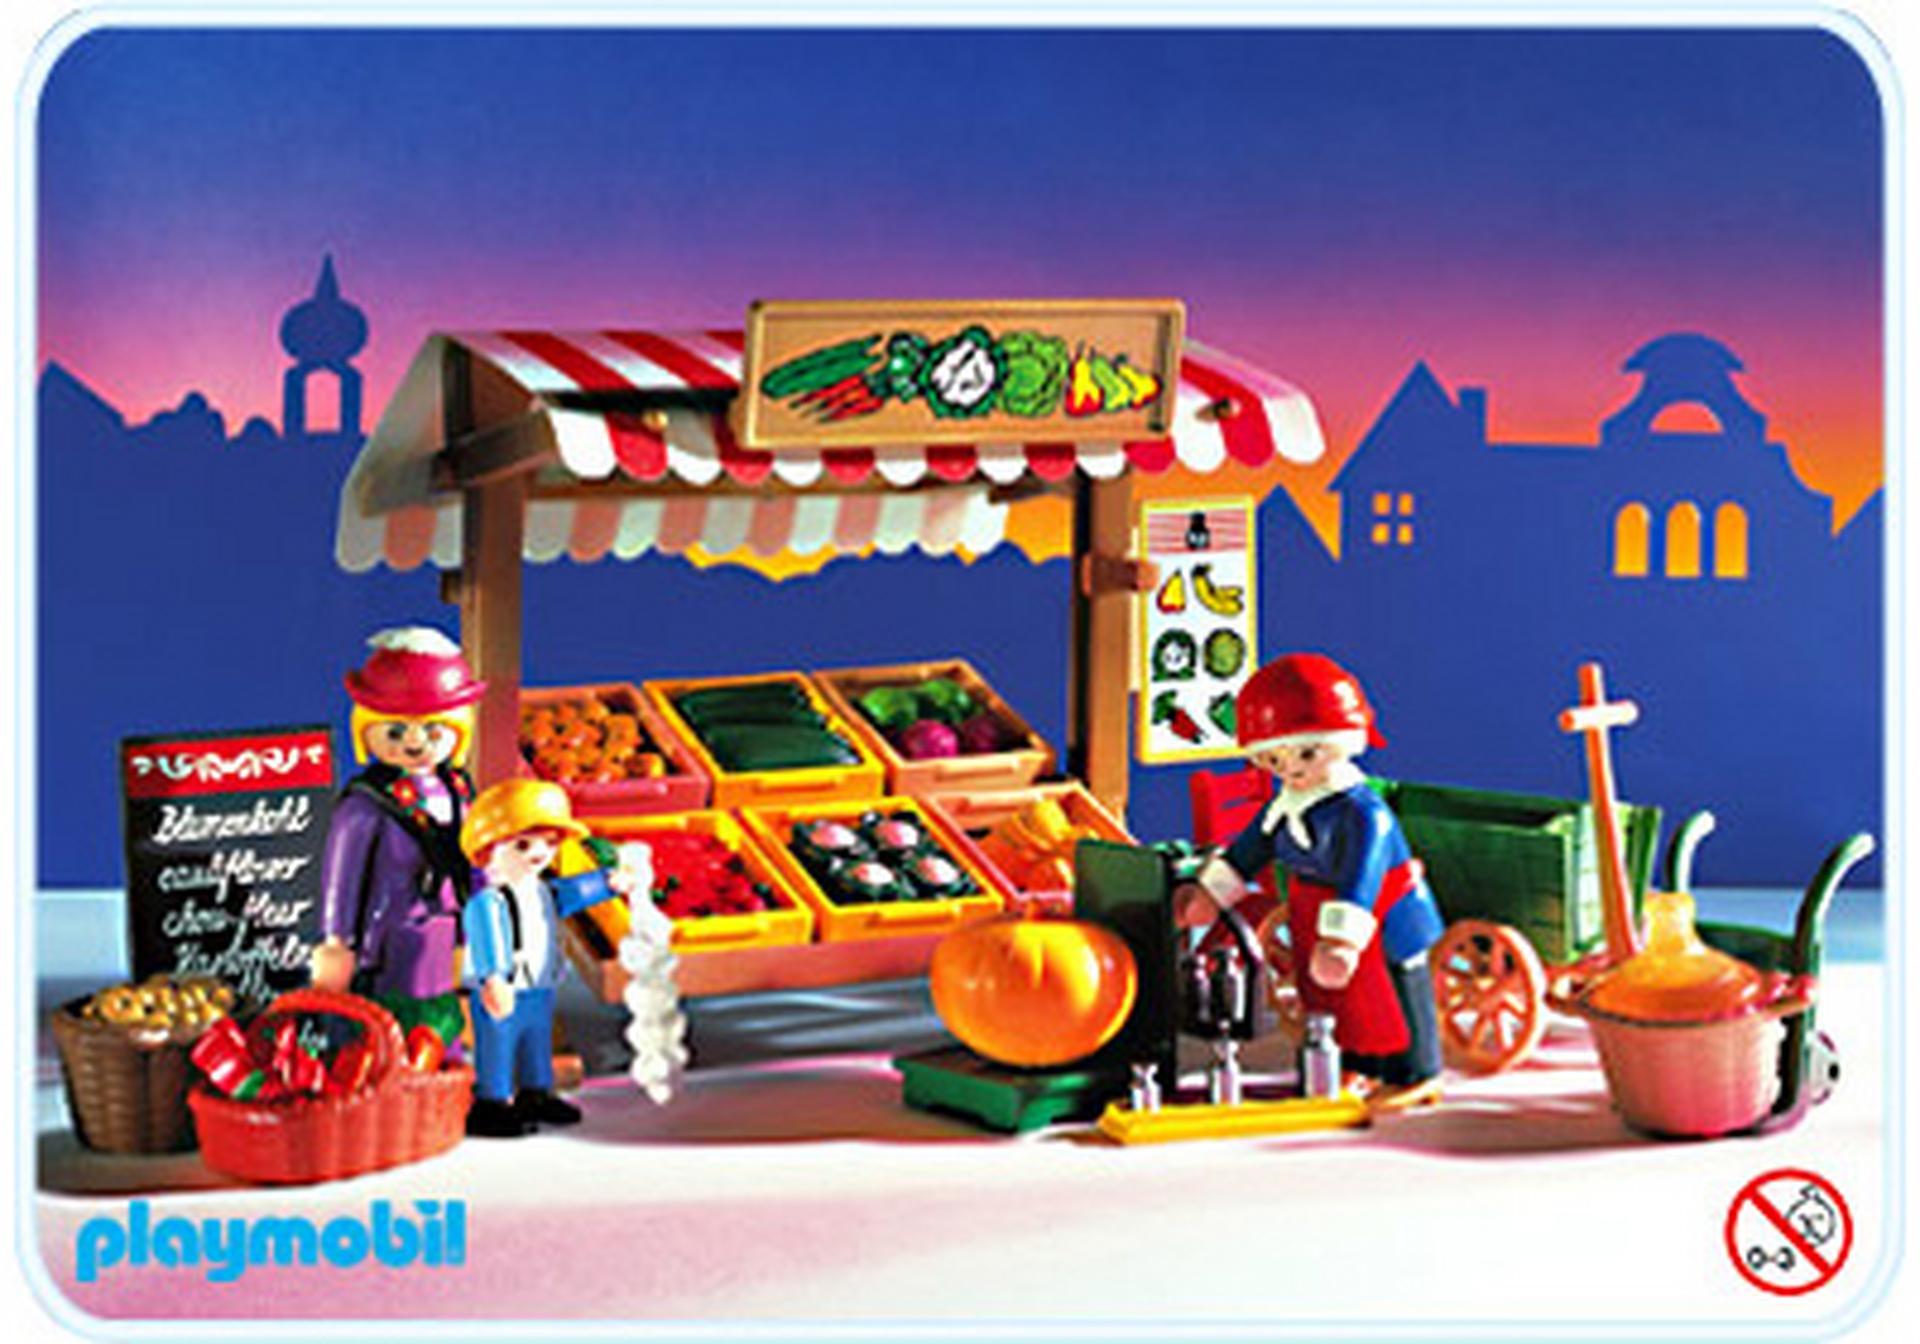 Gem sestand 5341 a playmobil deutschland for Jugendzimmer playmobil